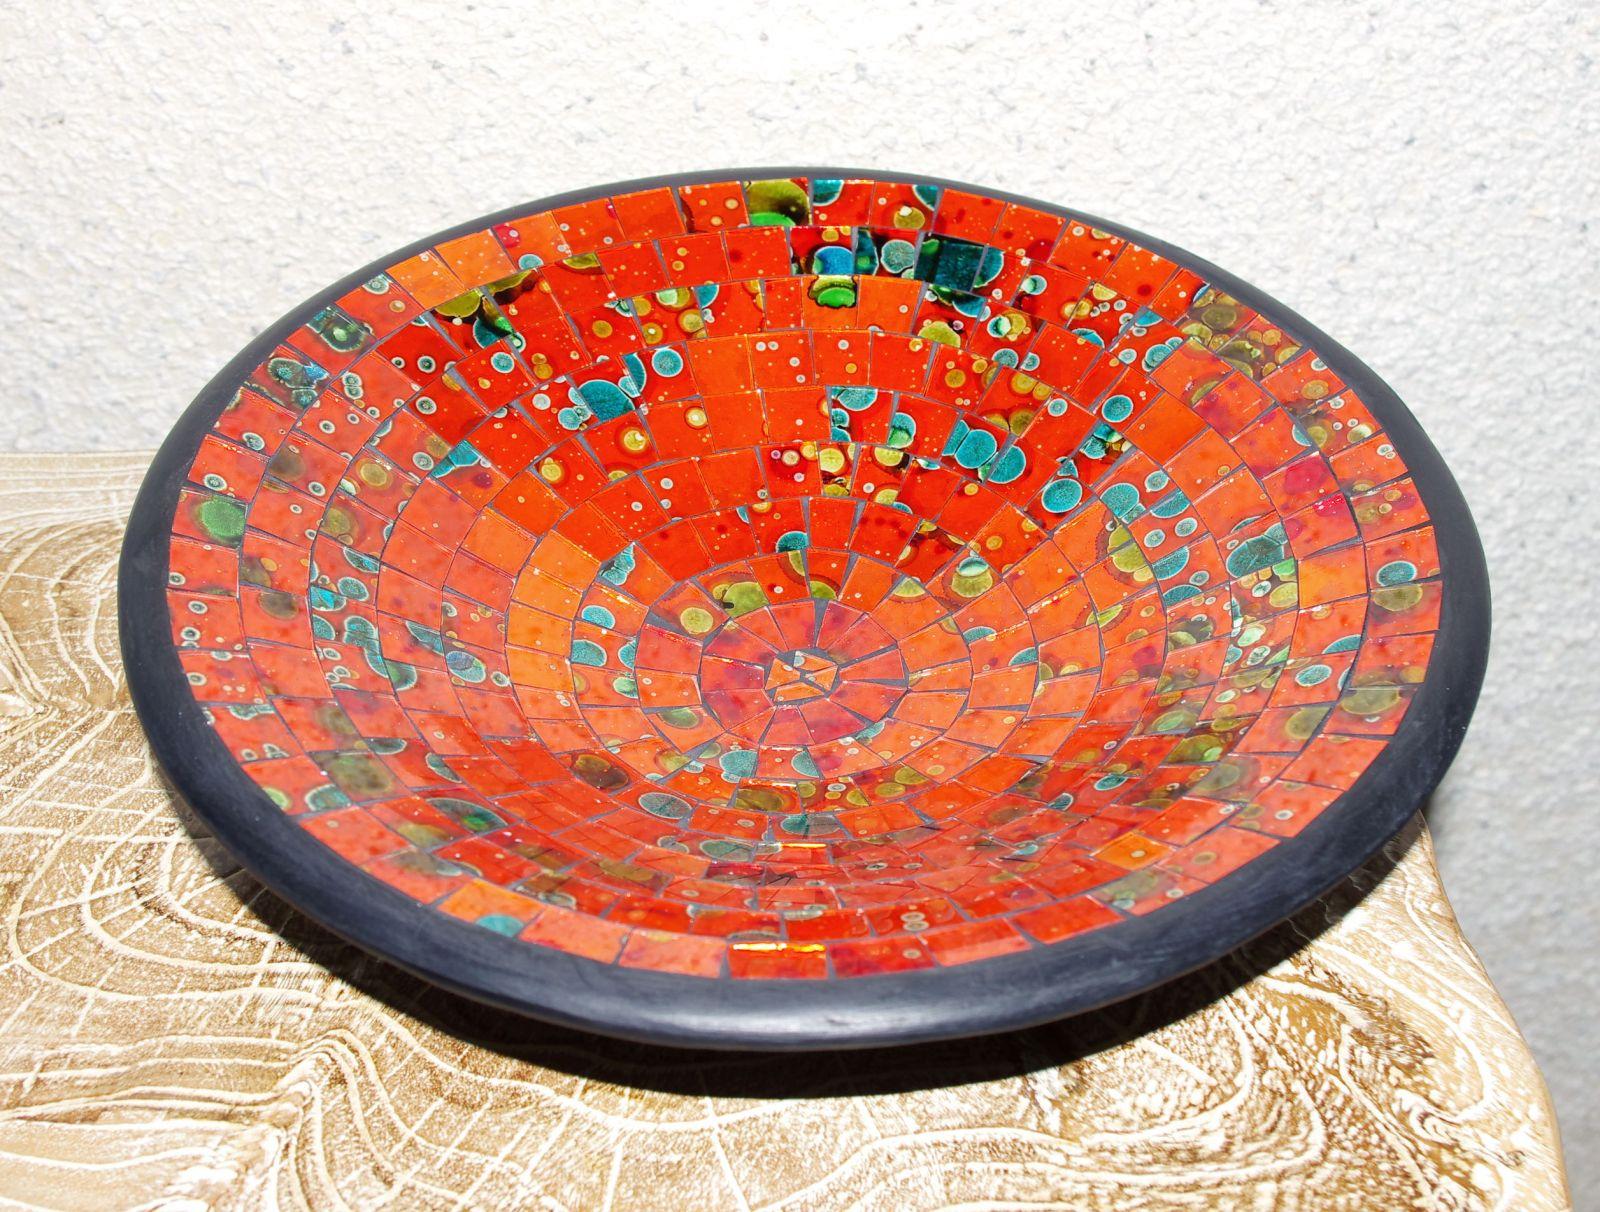 Mísa se skleněnou mozaikou - cihlová červená, terracota, keramika Lombok, Indonésie ID1604101